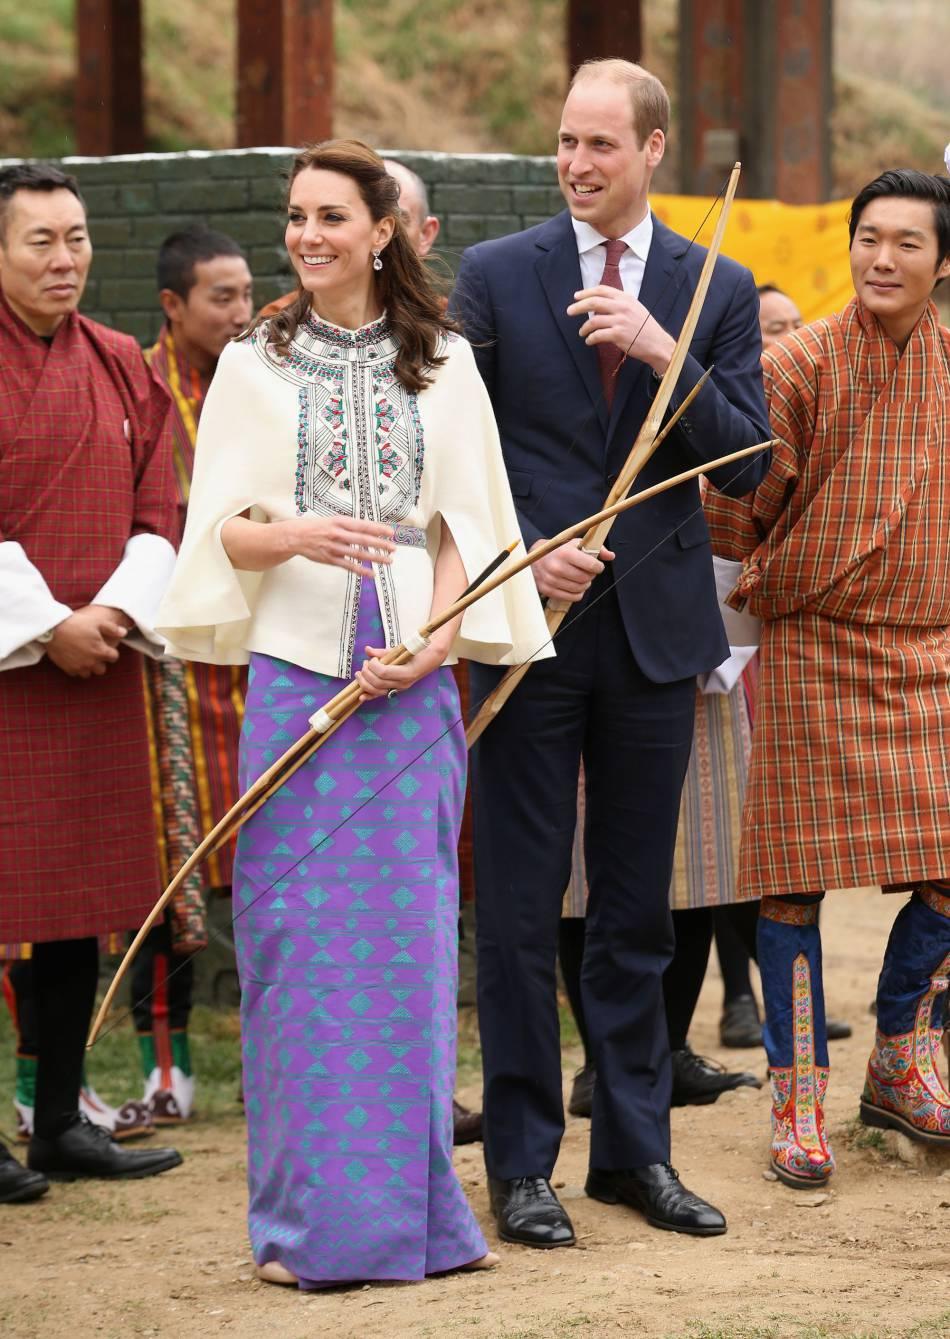 Le couple princier s'était essayé au tir à l'arc lors de leur voyage officiel au Bhoutan.